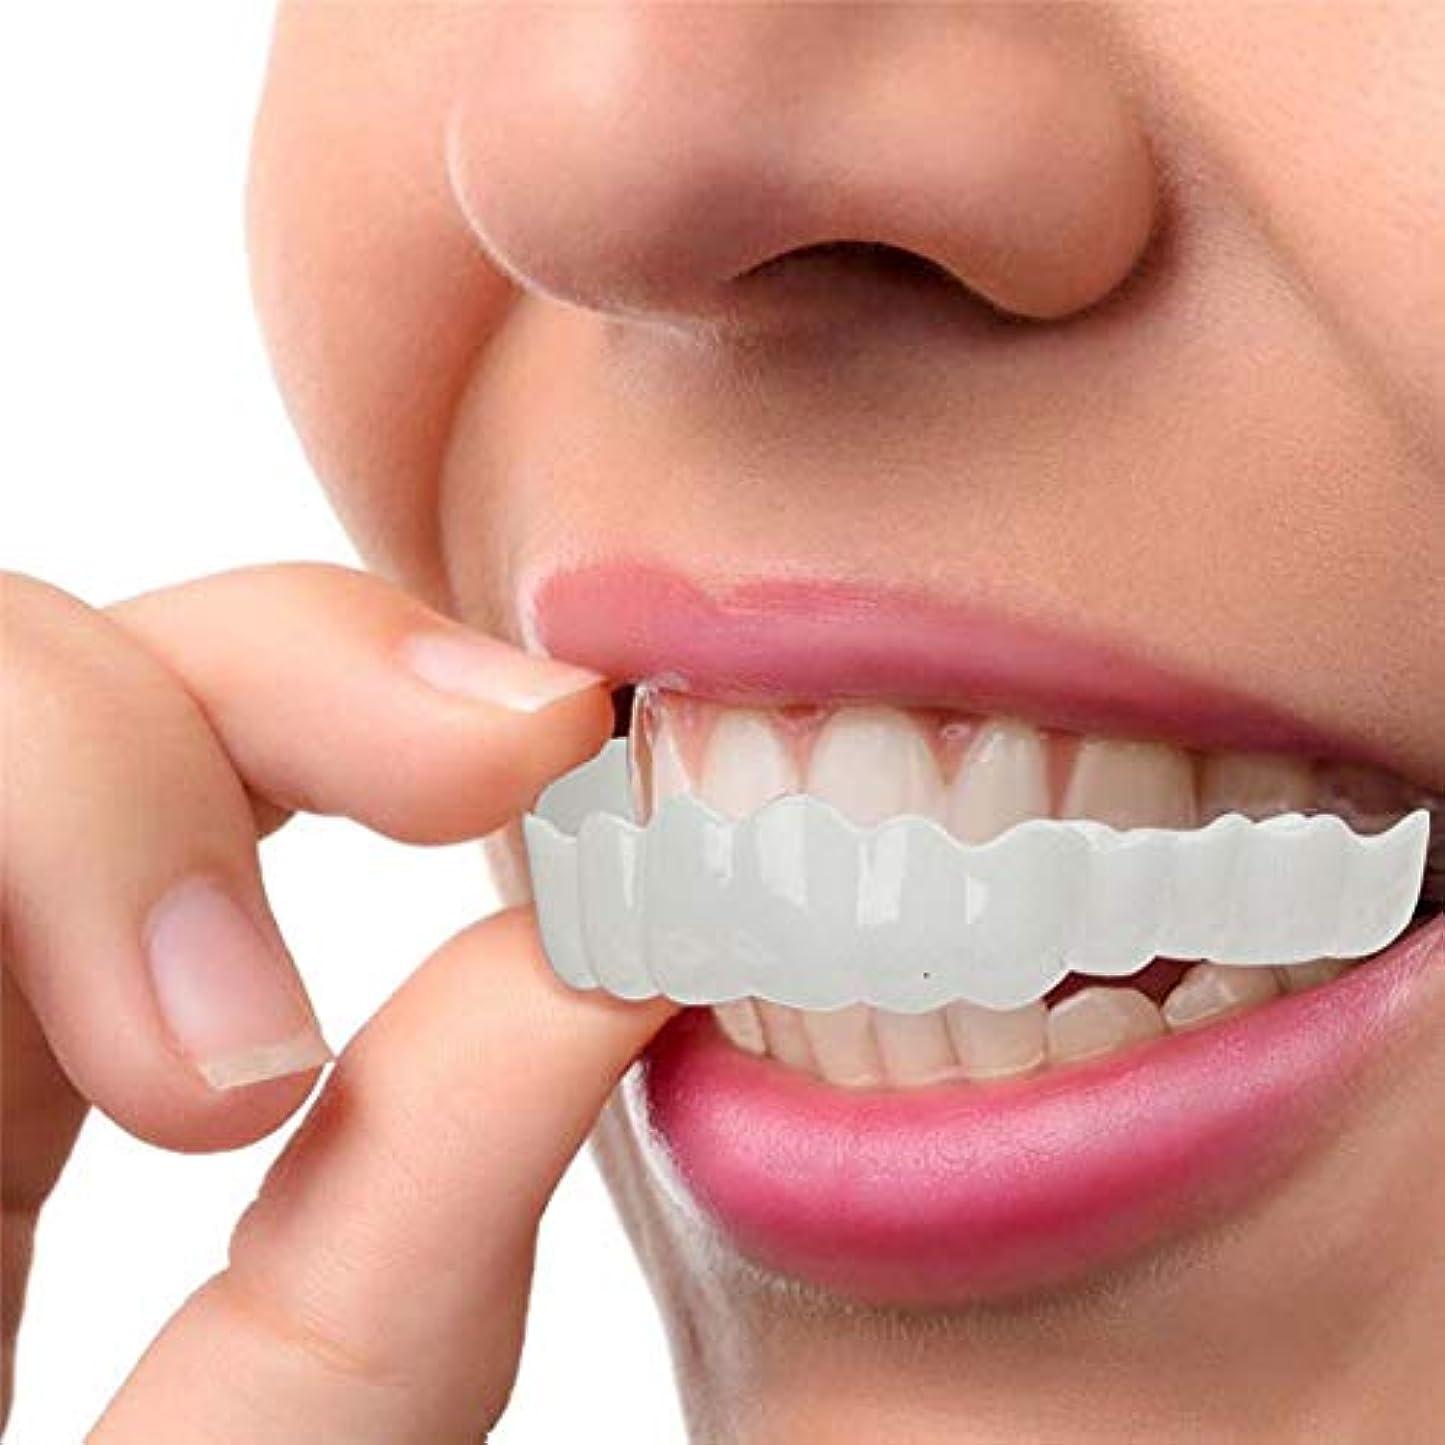 潜在的な上へ細菌化粧品の歯、白い歯をきれいにするための快適なフィットフレックス歯ソケット、超快適、快適なフィット感、5セット